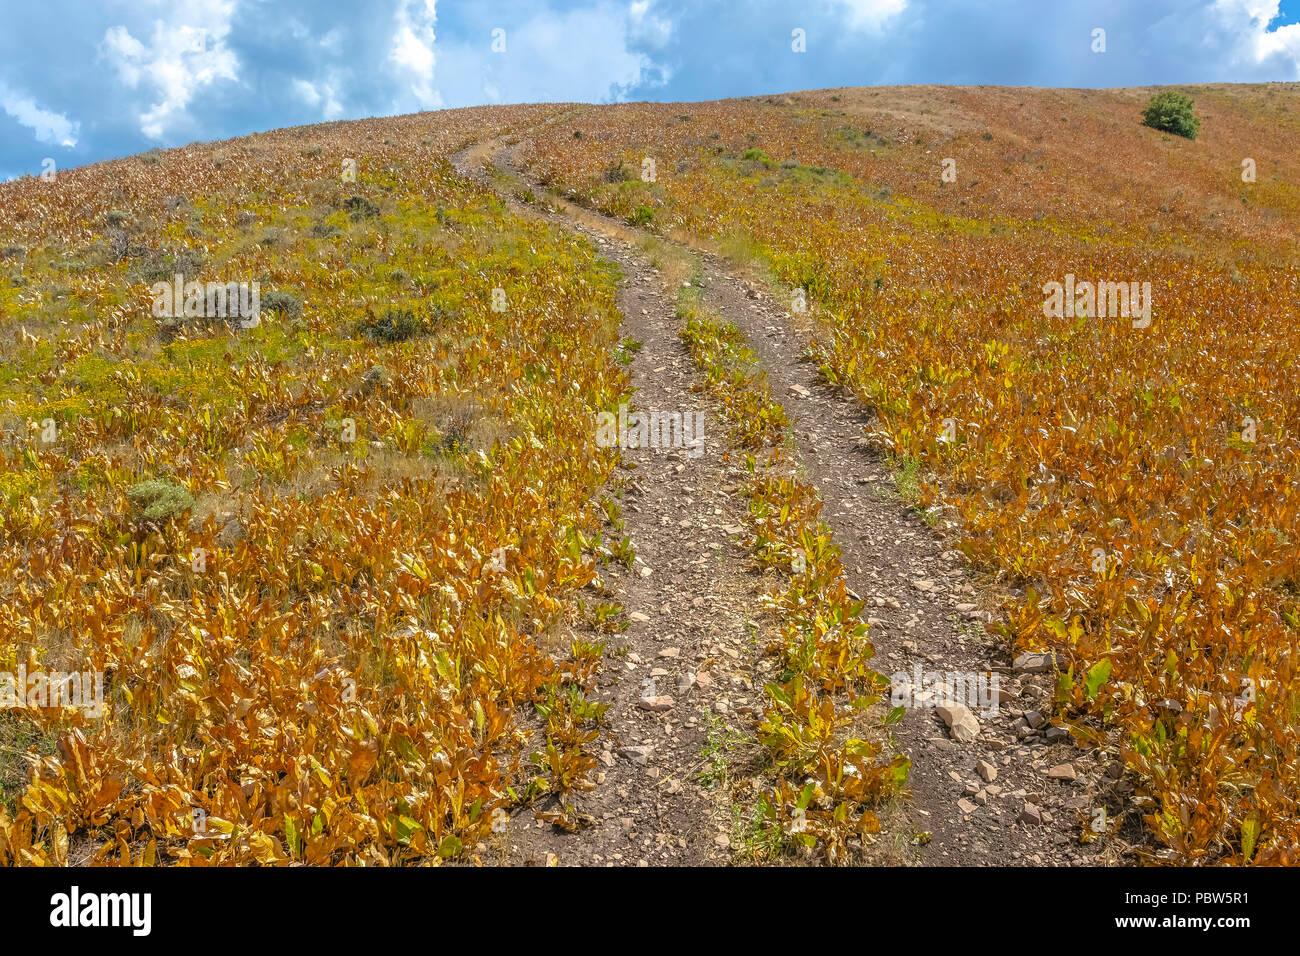 Feuillage jaune onn deux côtés de off road trail Photo Stock